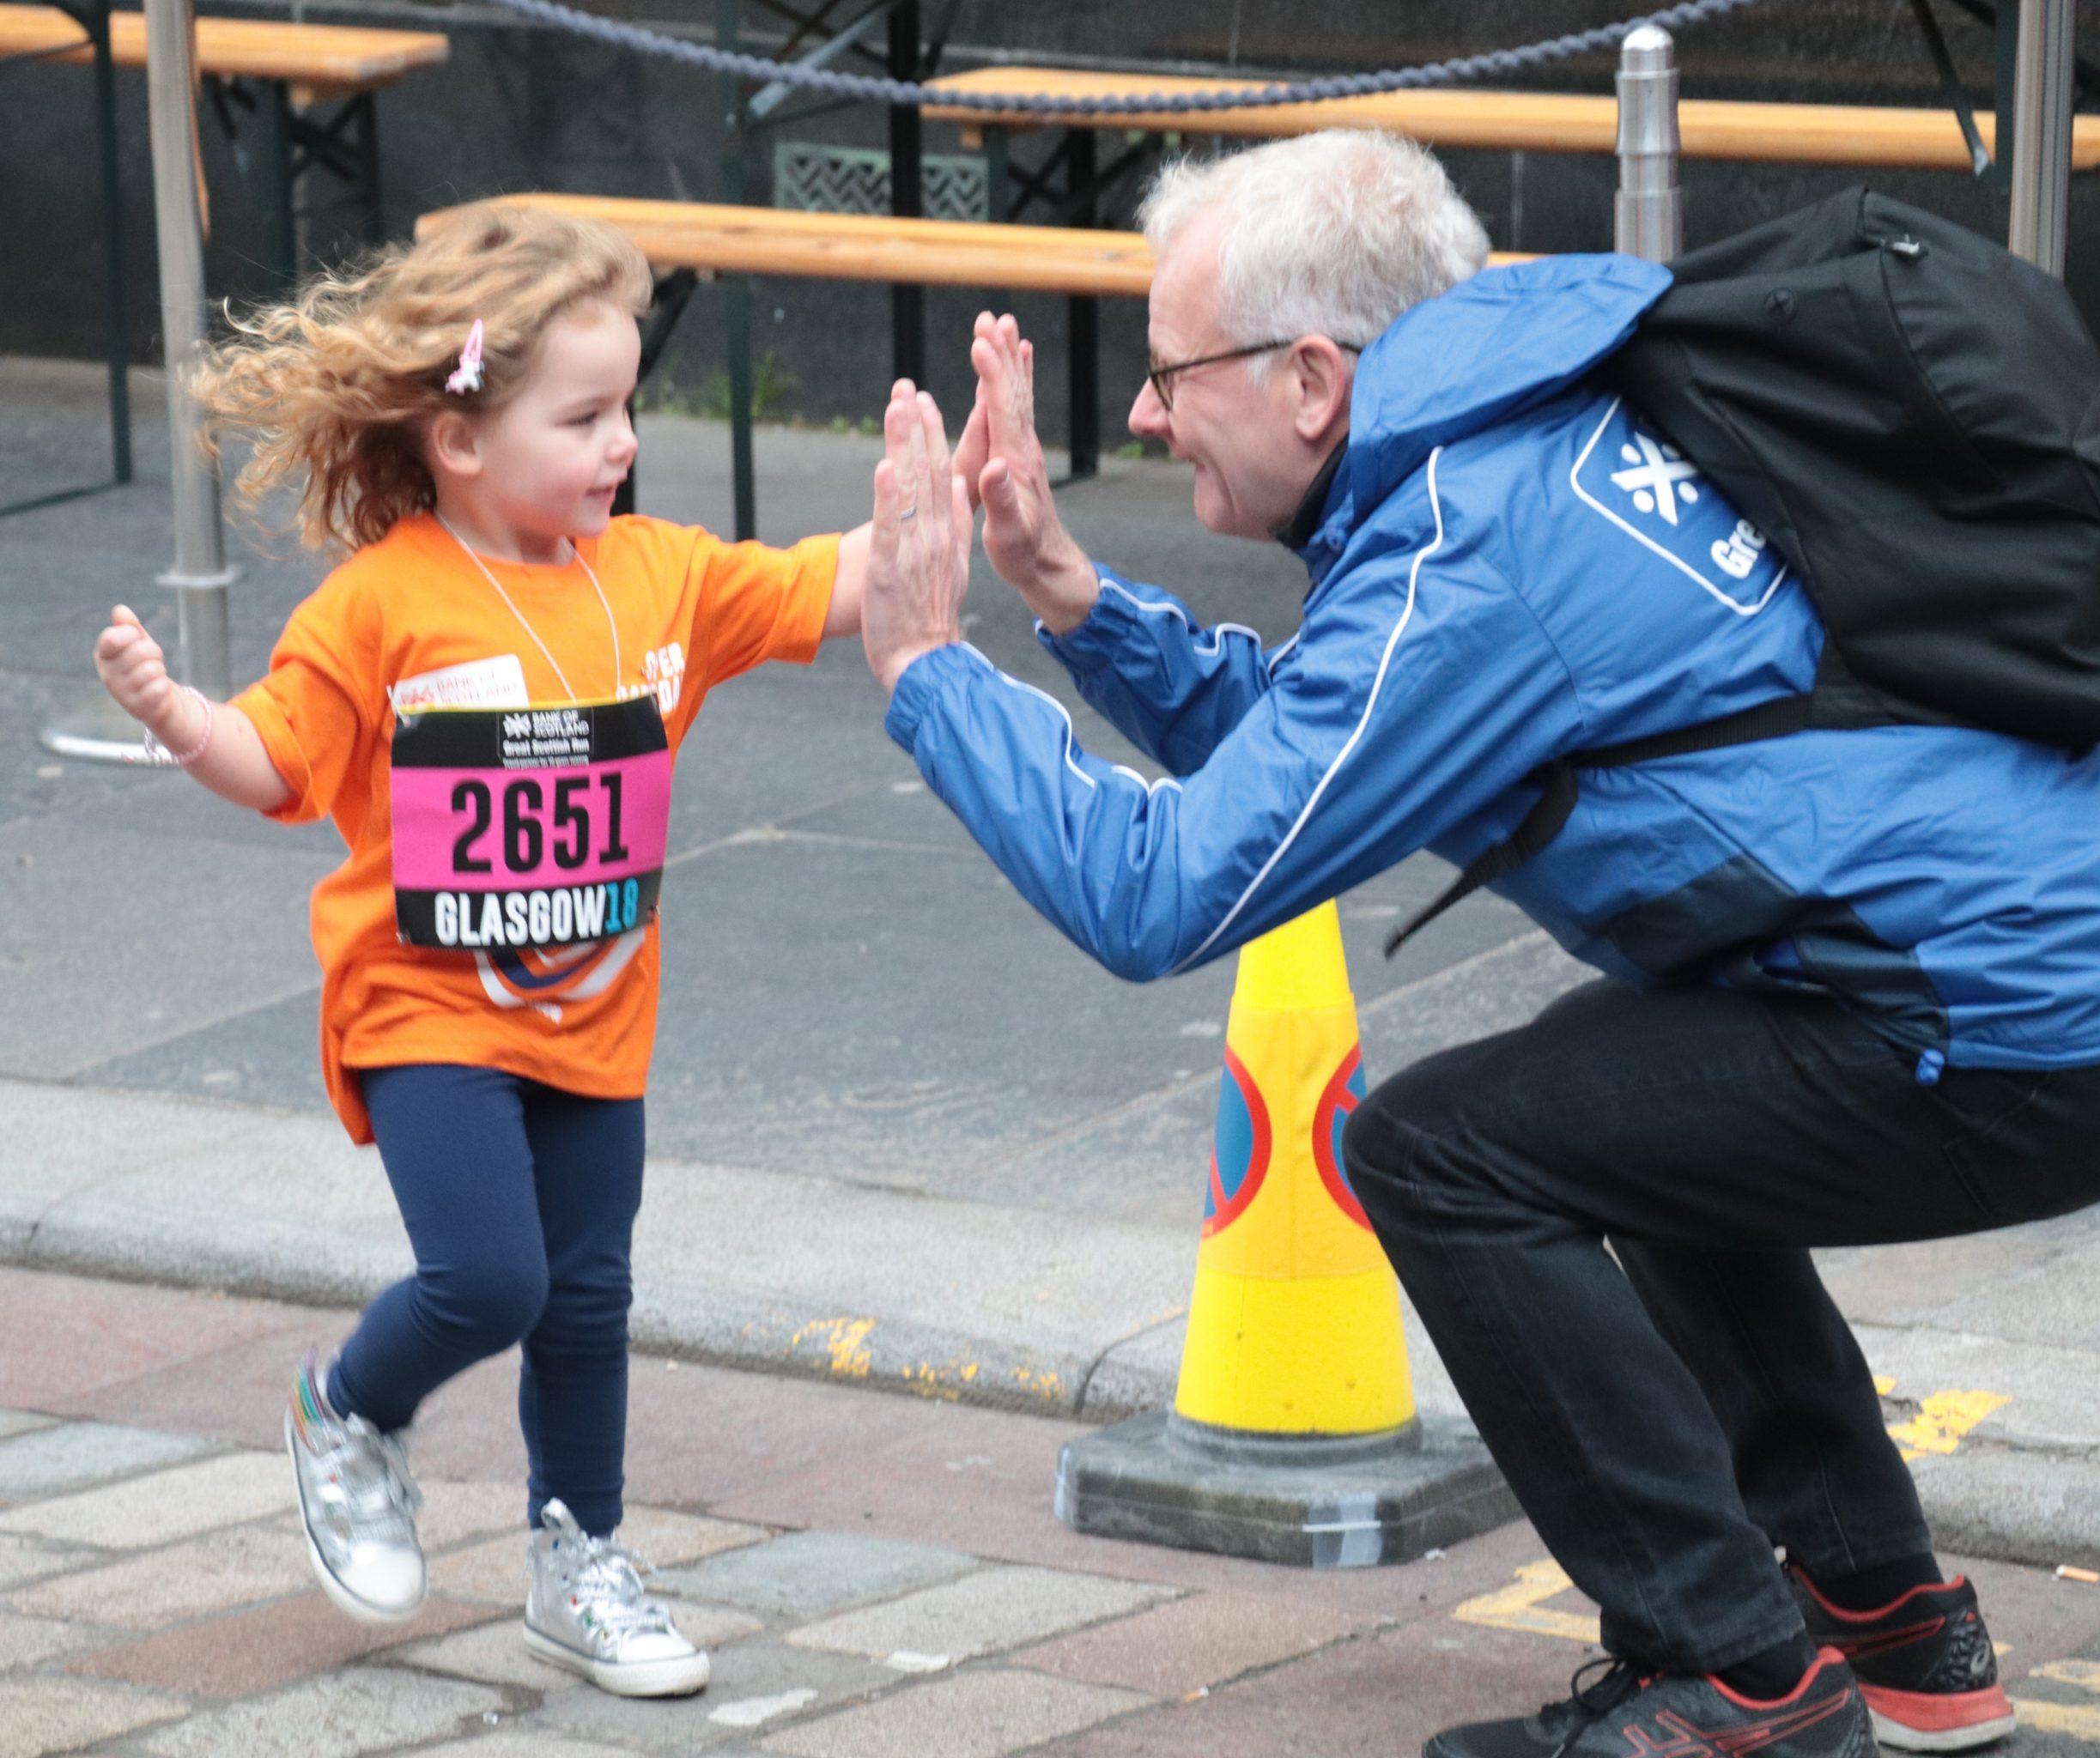 Family run Glasgow